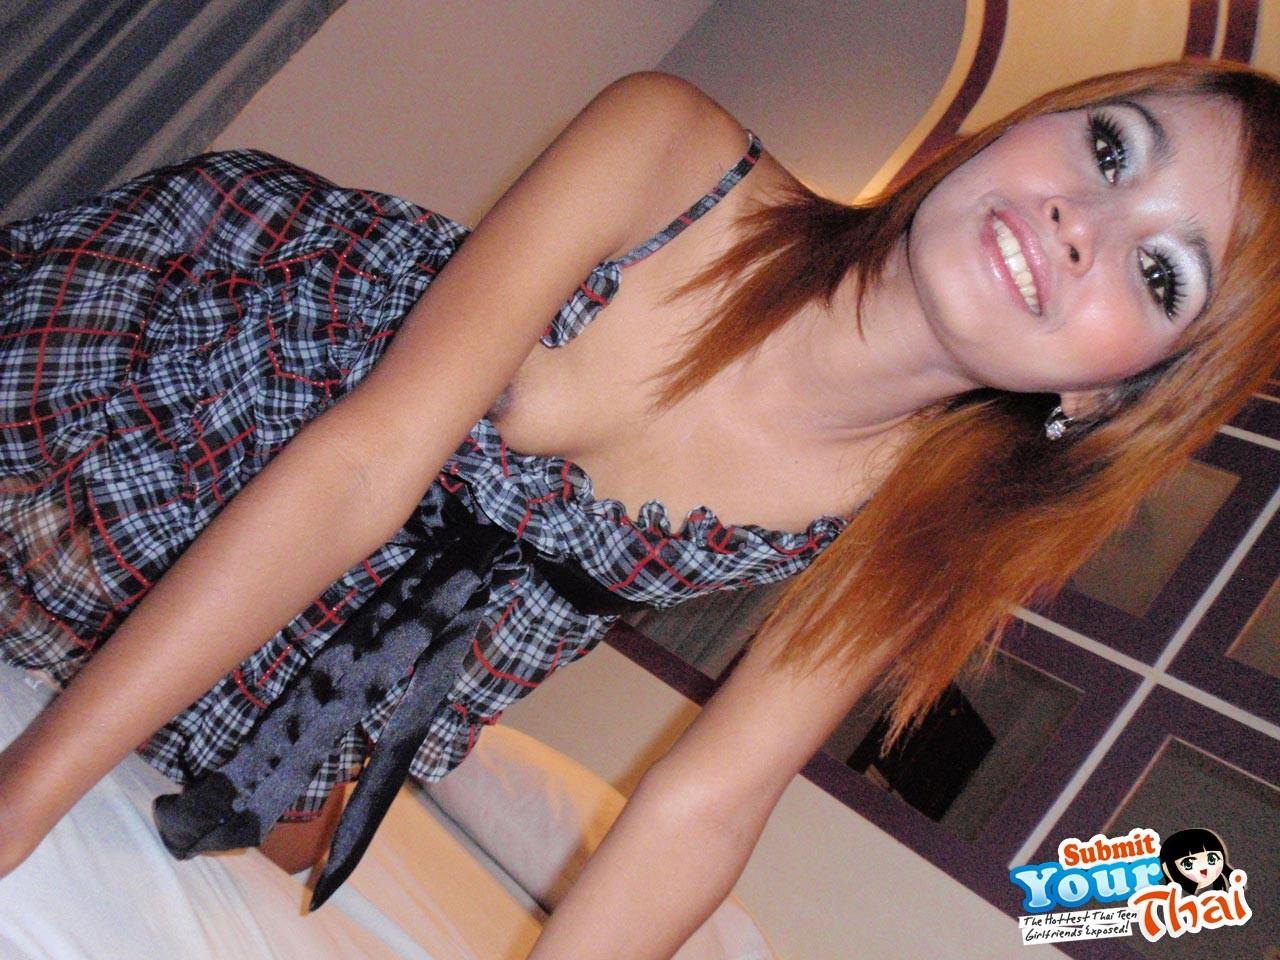 Парнишка пригласил в гостиничный номер молоденькую тайскую проститутку